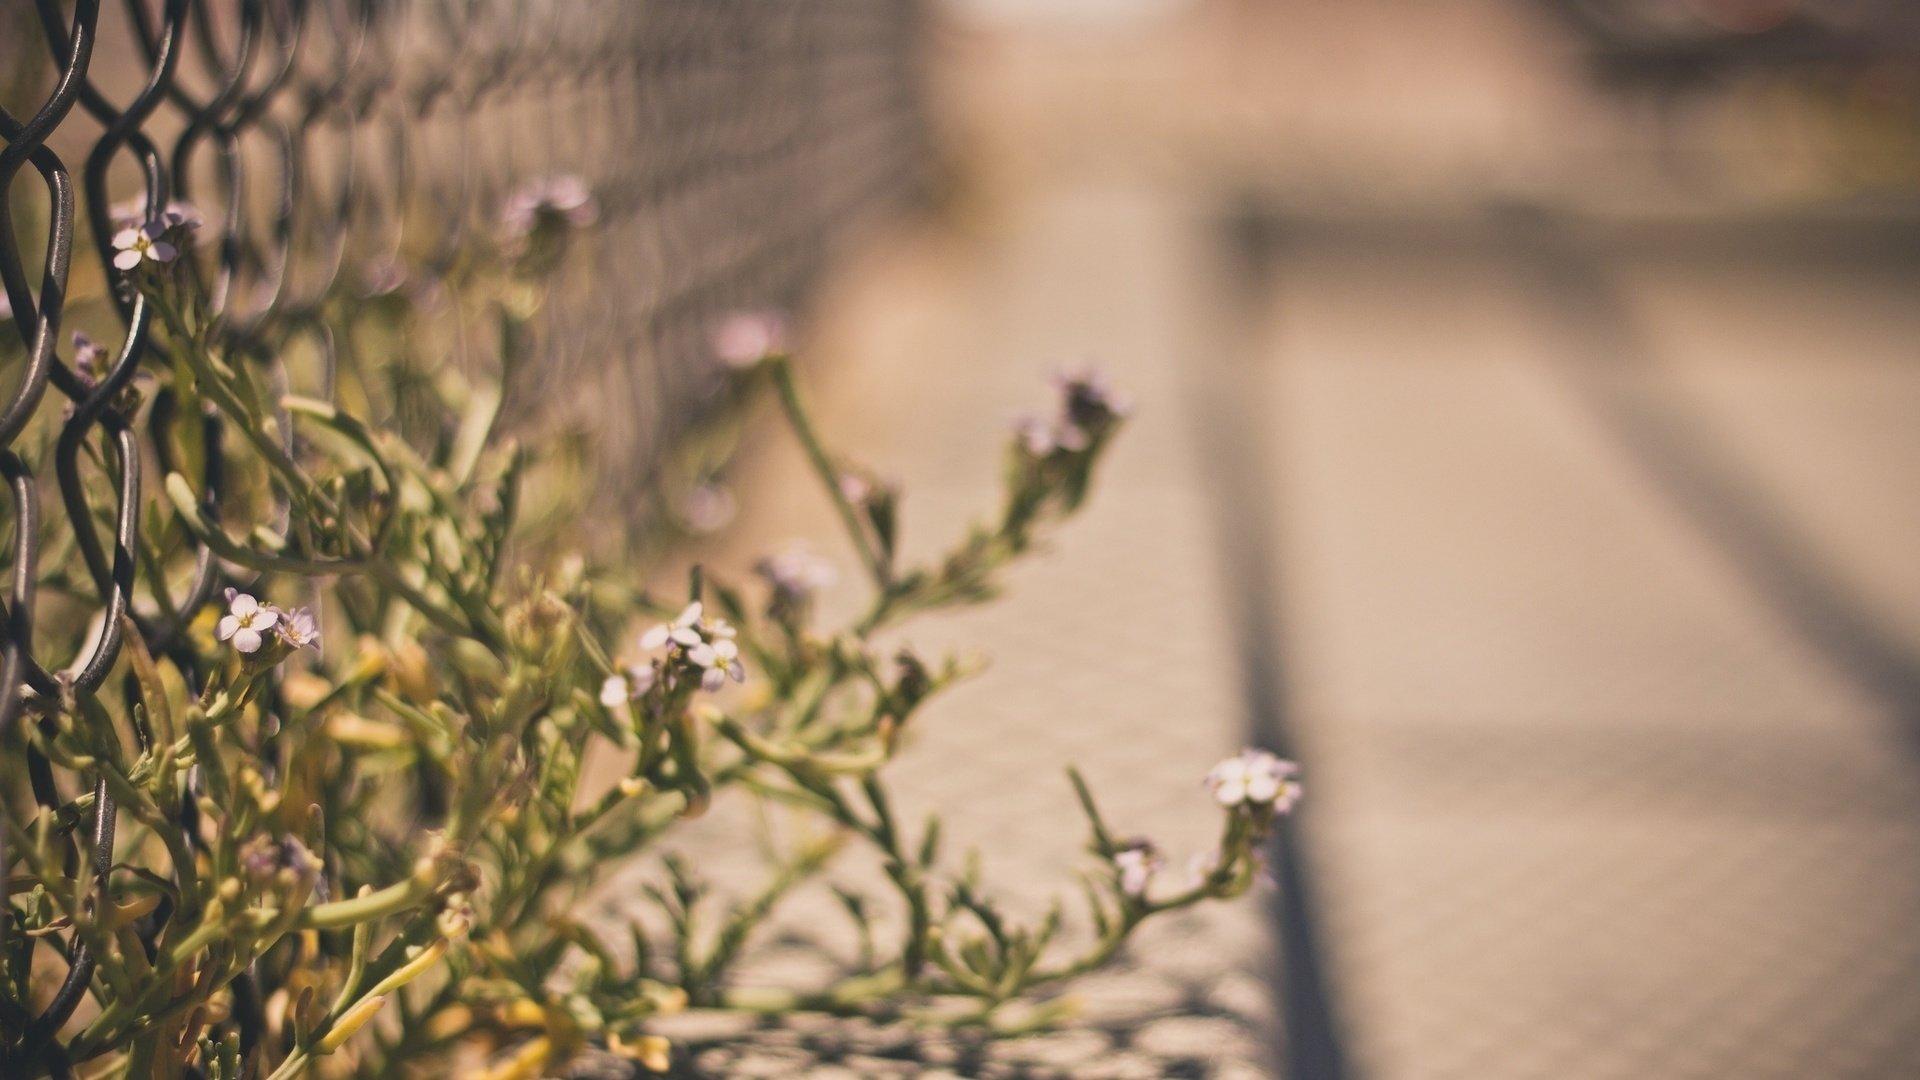 Цветок прорастающий сквозь сетку забора смотреть